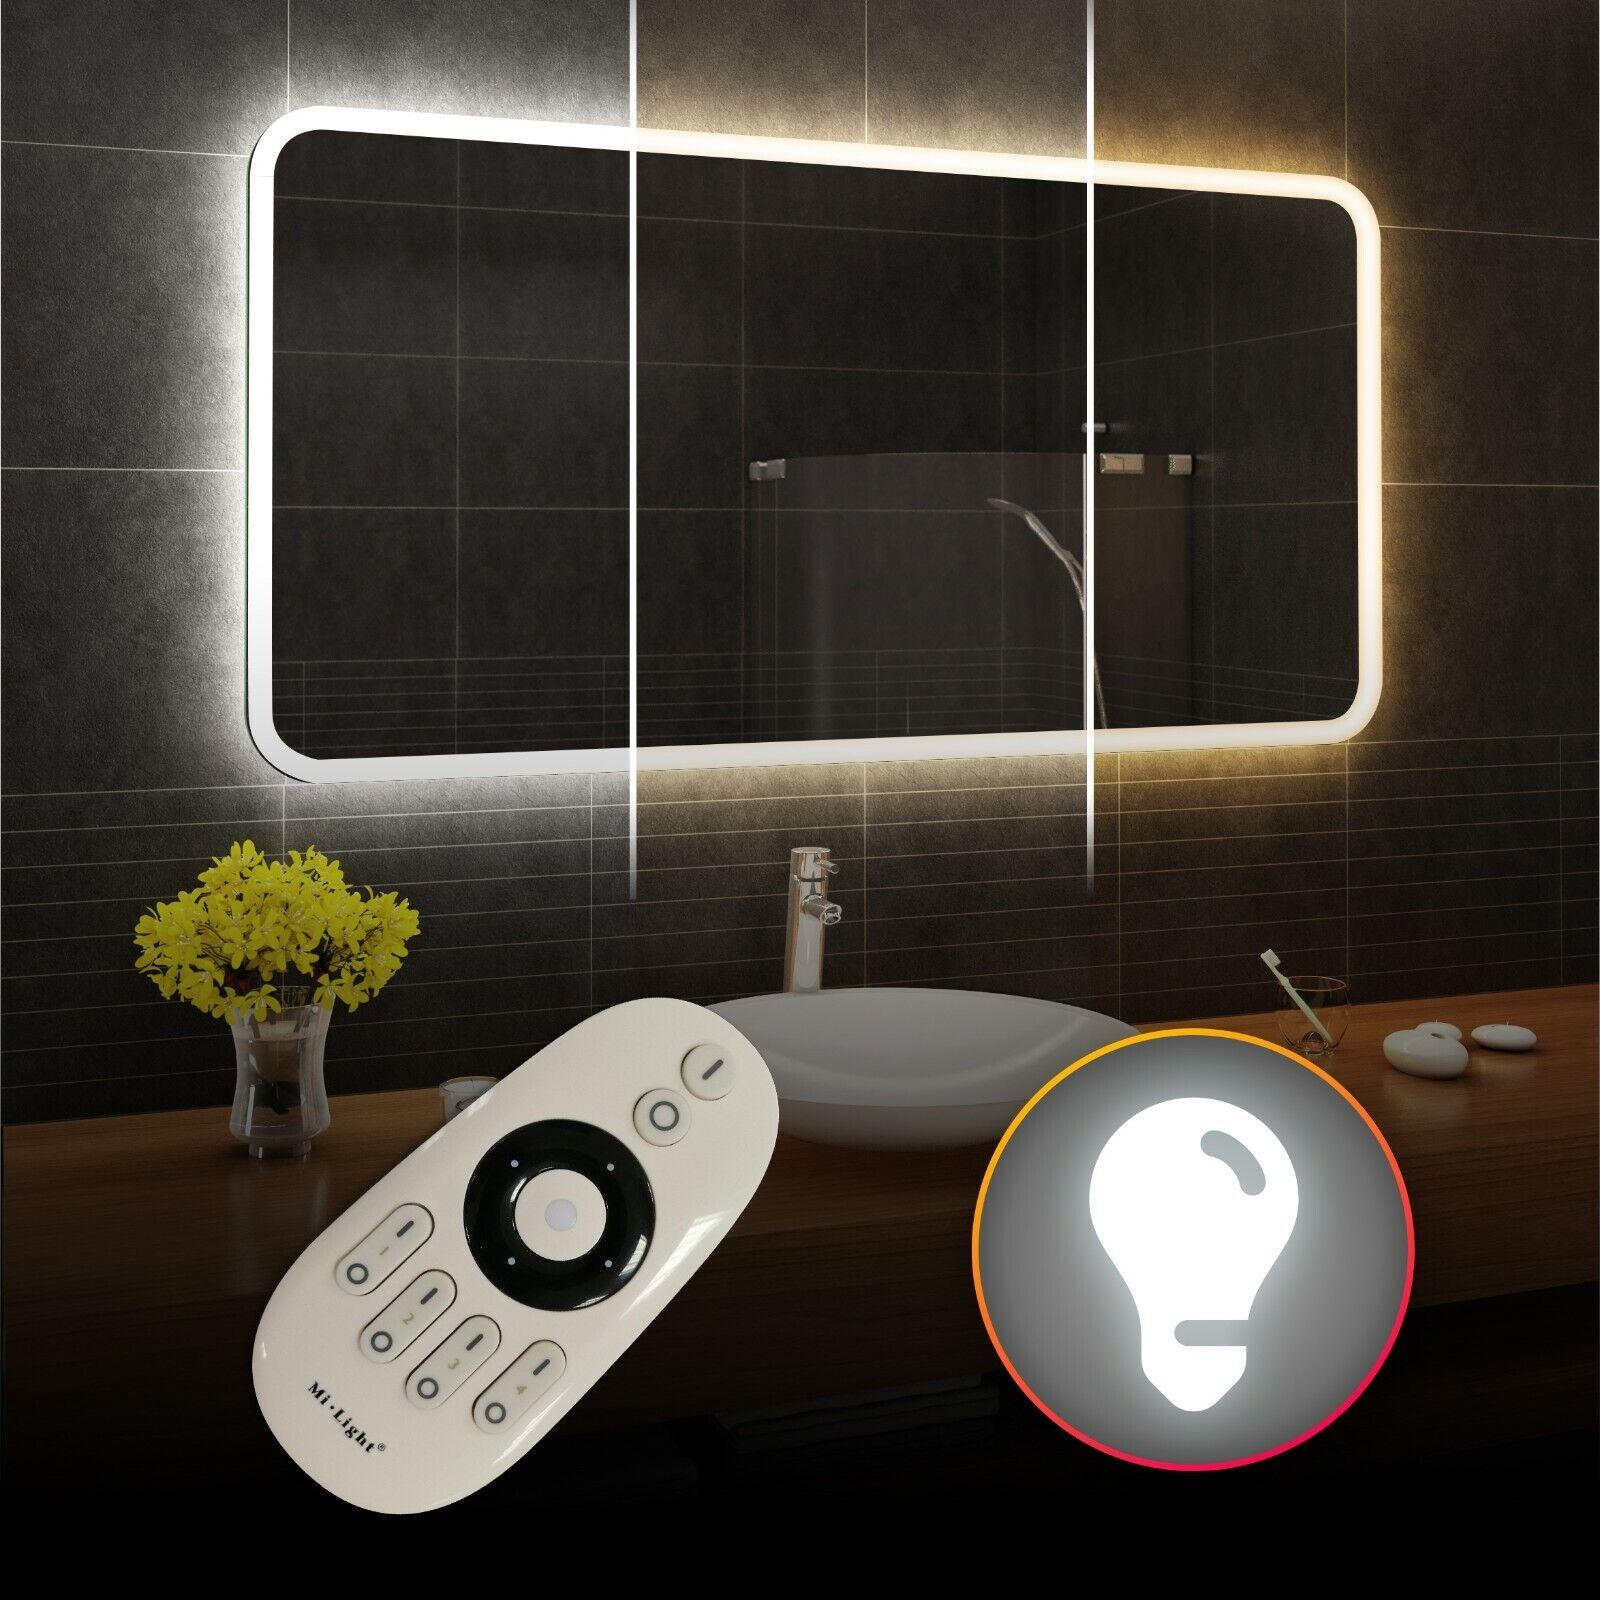 DEL Illuminé Miroir de salle de bains   Double-DEL Froid Neutre Blanc Chaud   L59